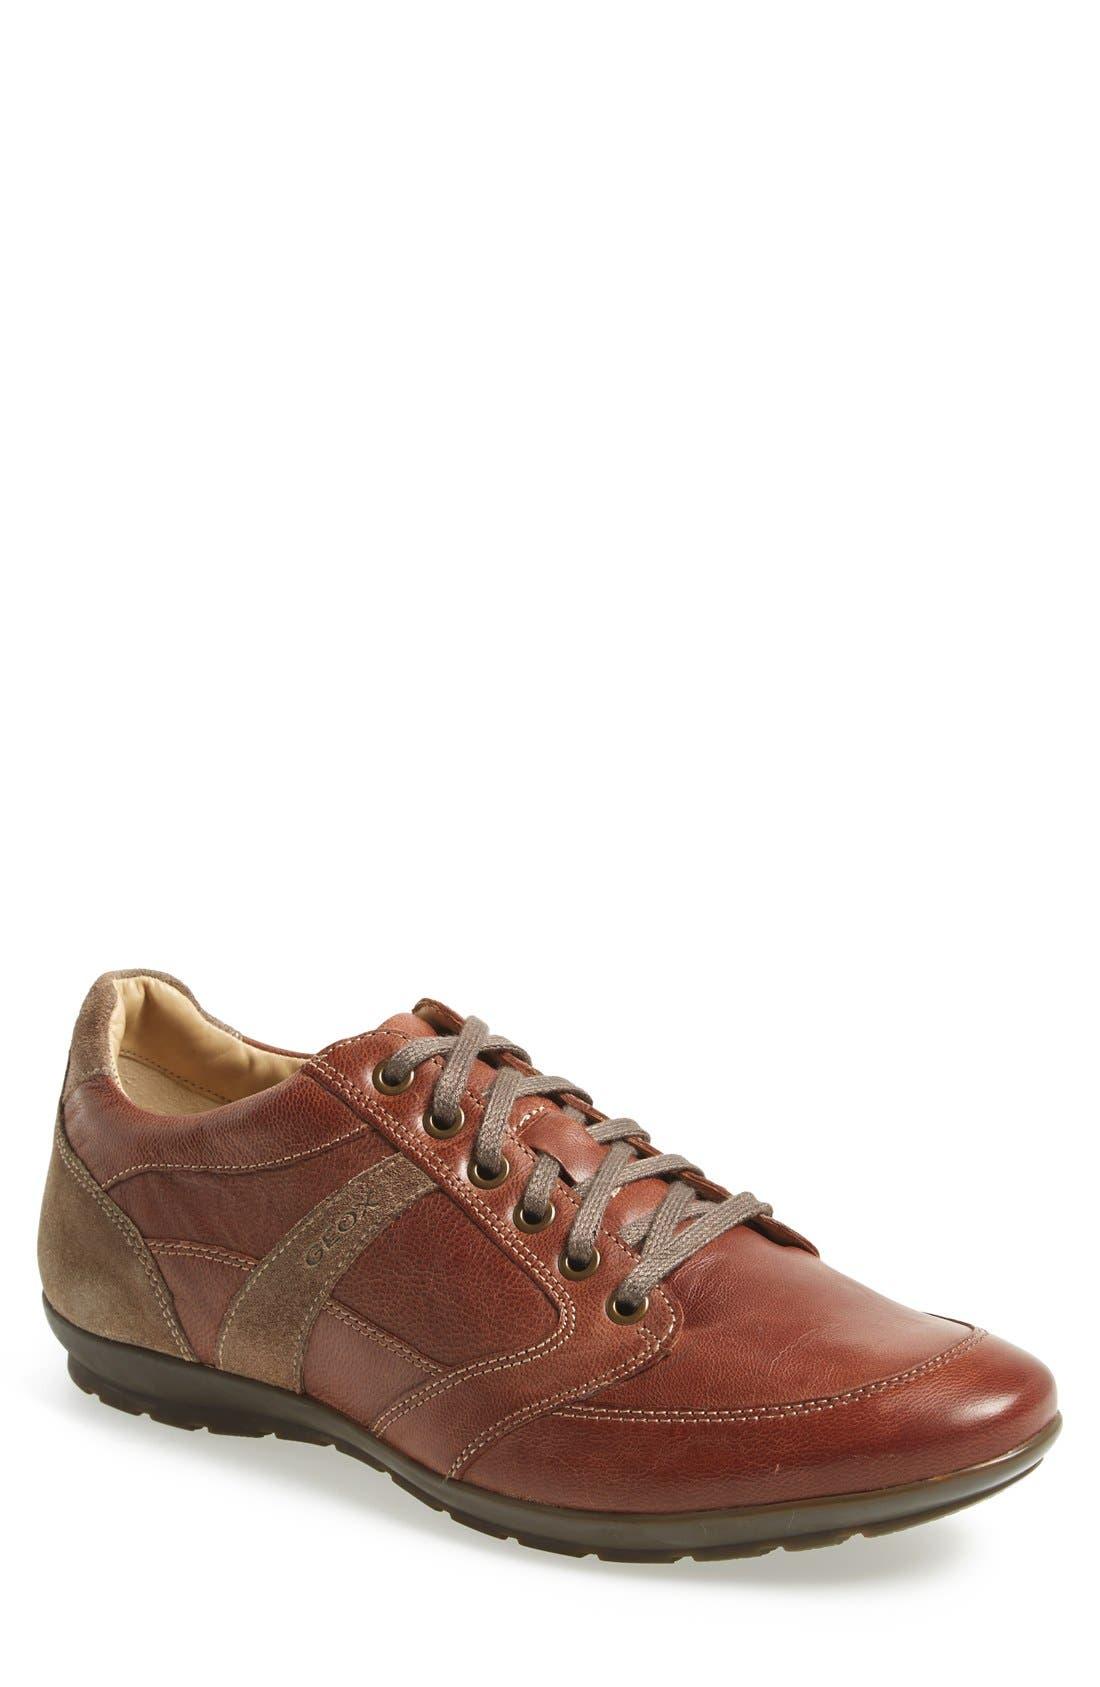 Alternate Image 1 Selected - Geox 'Symbol 6' Sneaker (Men)